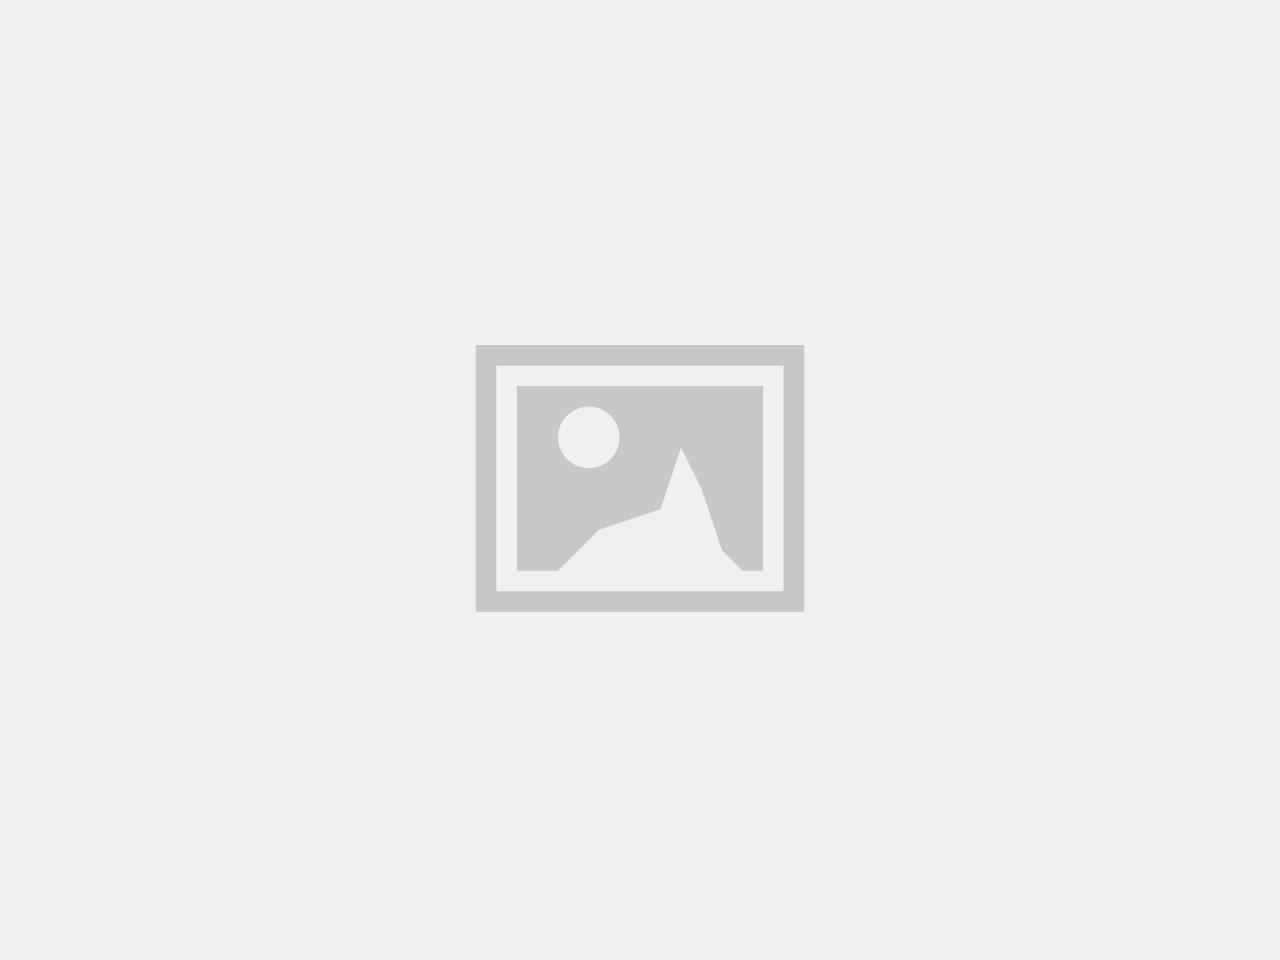 Stakeout 4 hundar [SCL]